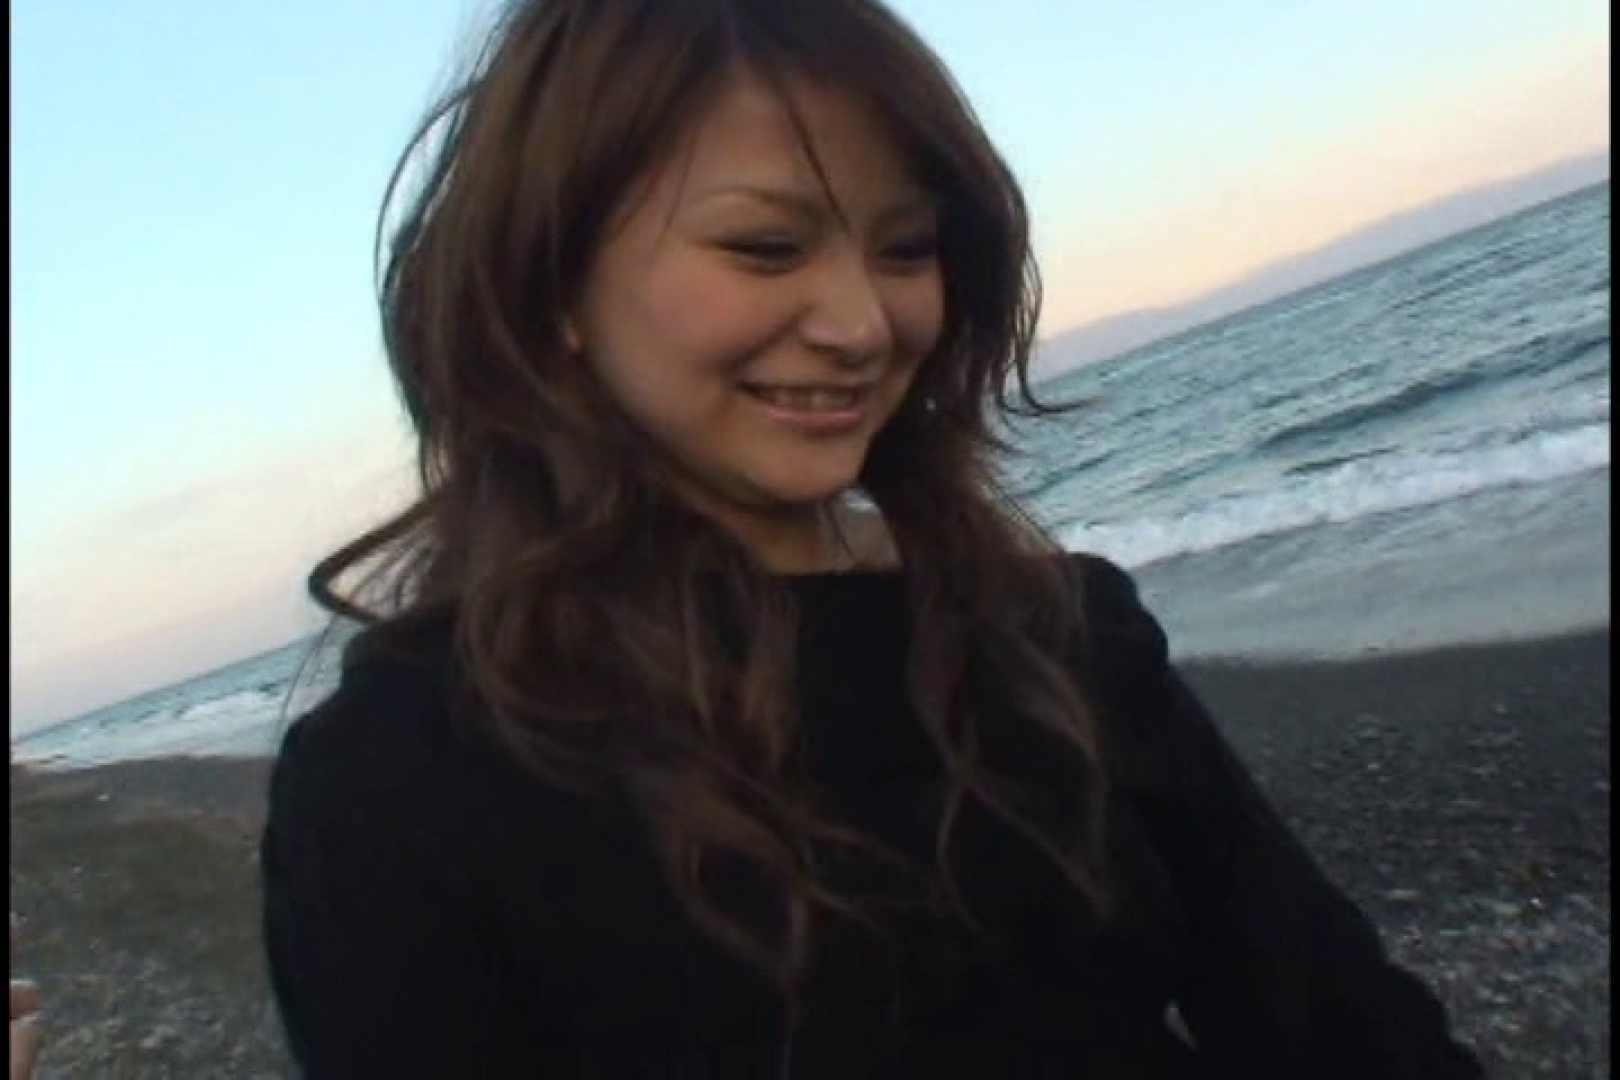 JDハンター全国ツアー vol.009 後編 Hな女子大生 盗み撮り動画 95pic 43